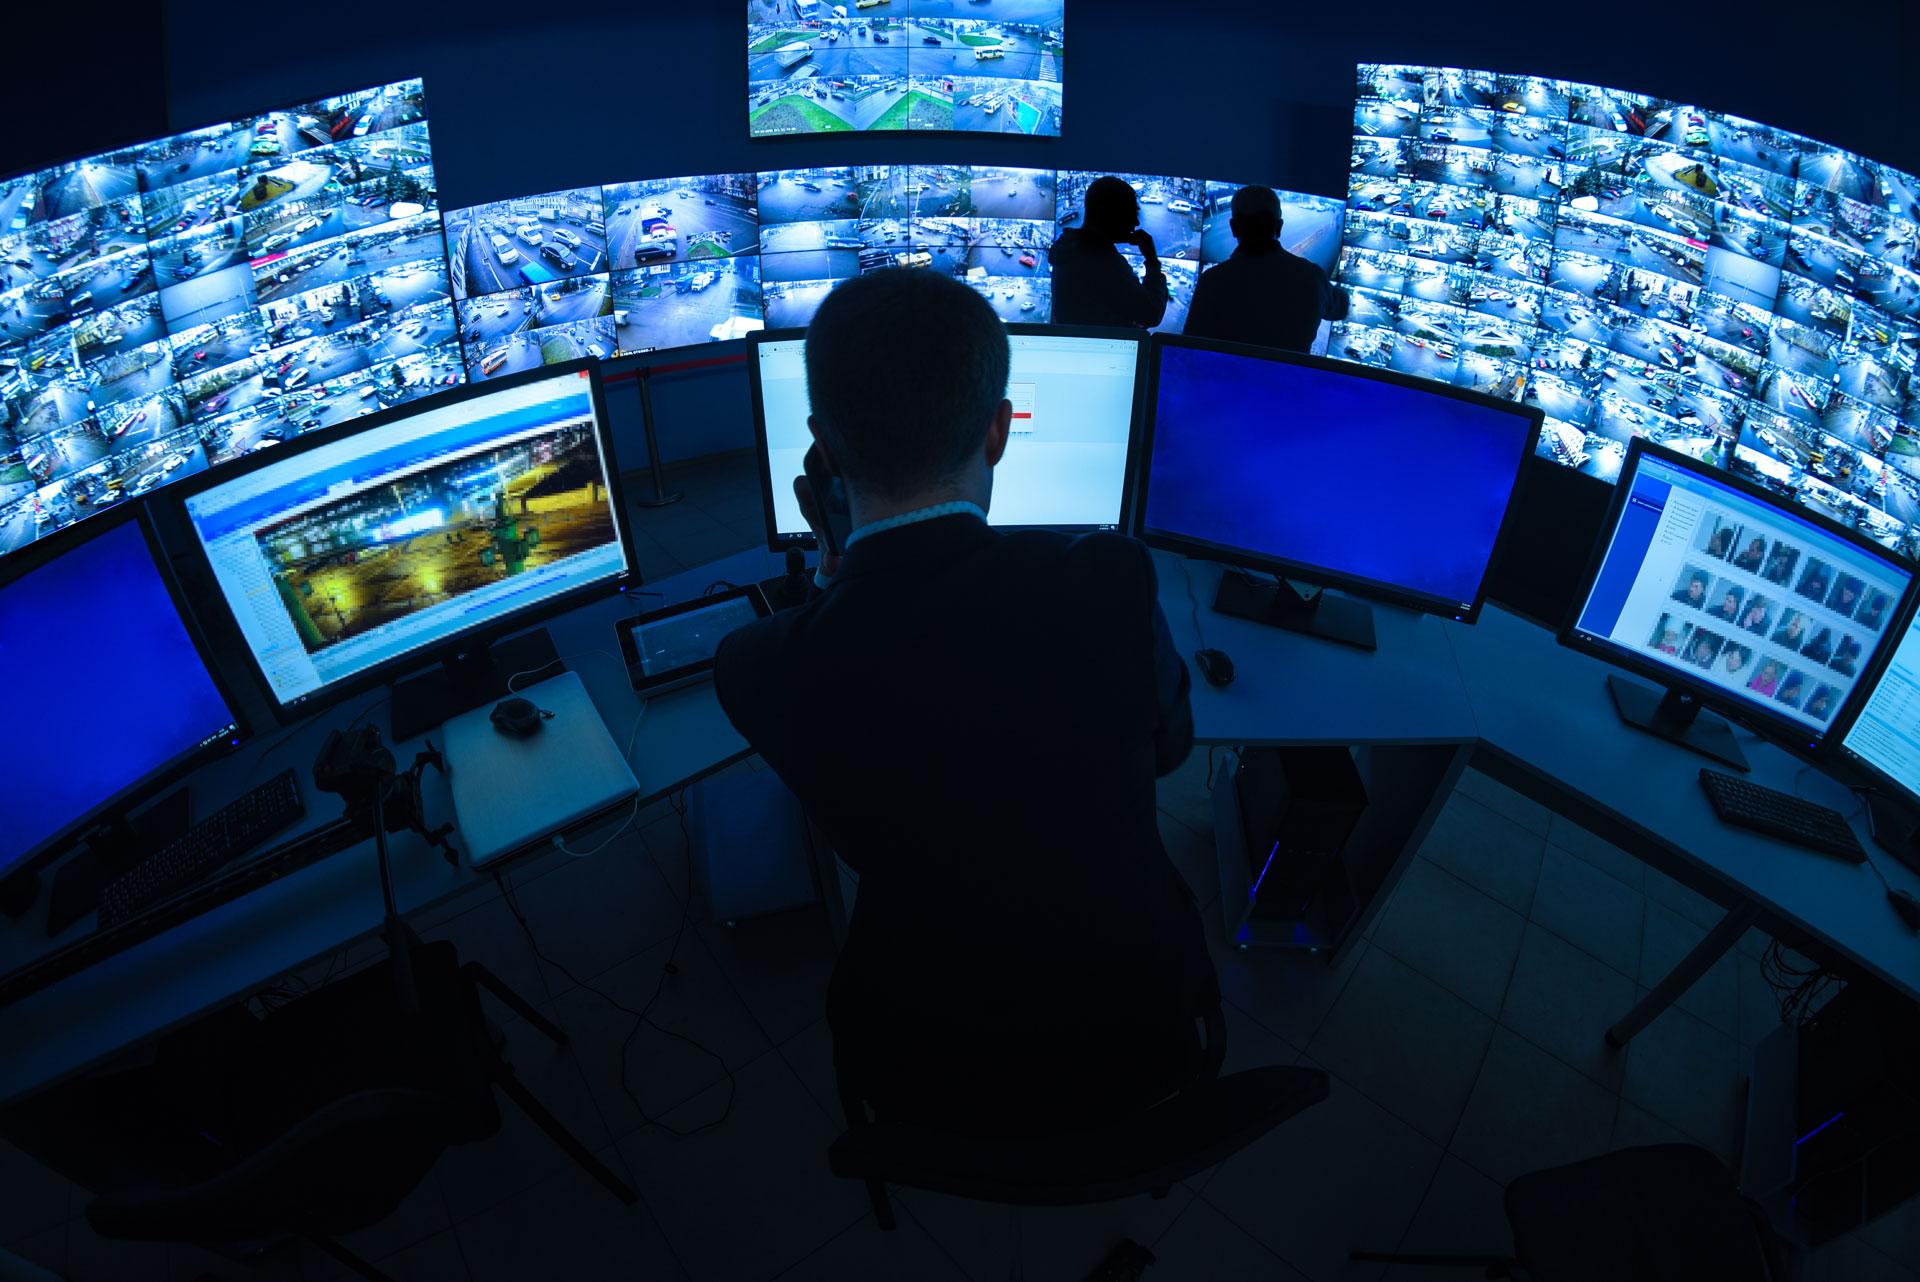 monitoring computer screens